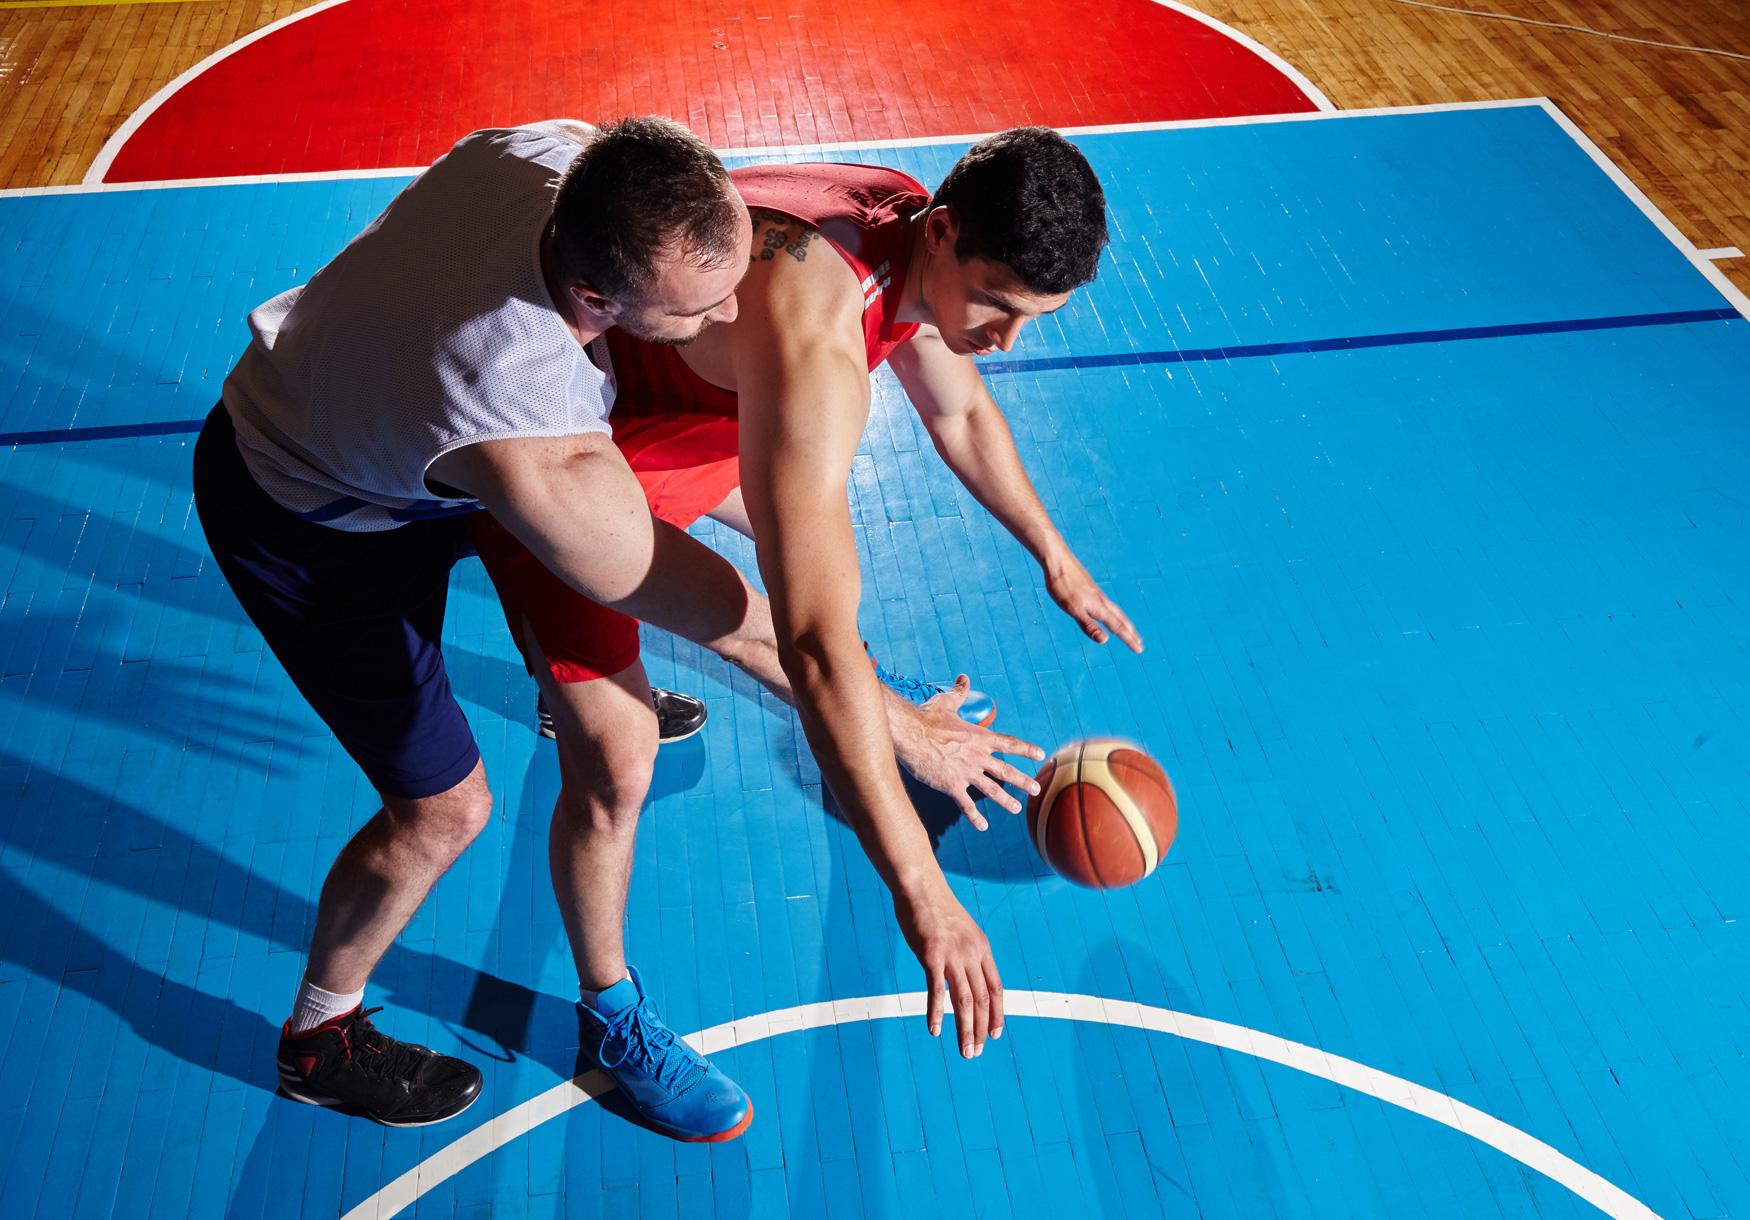 Coperture per Associazioni Sportive Dilettanti